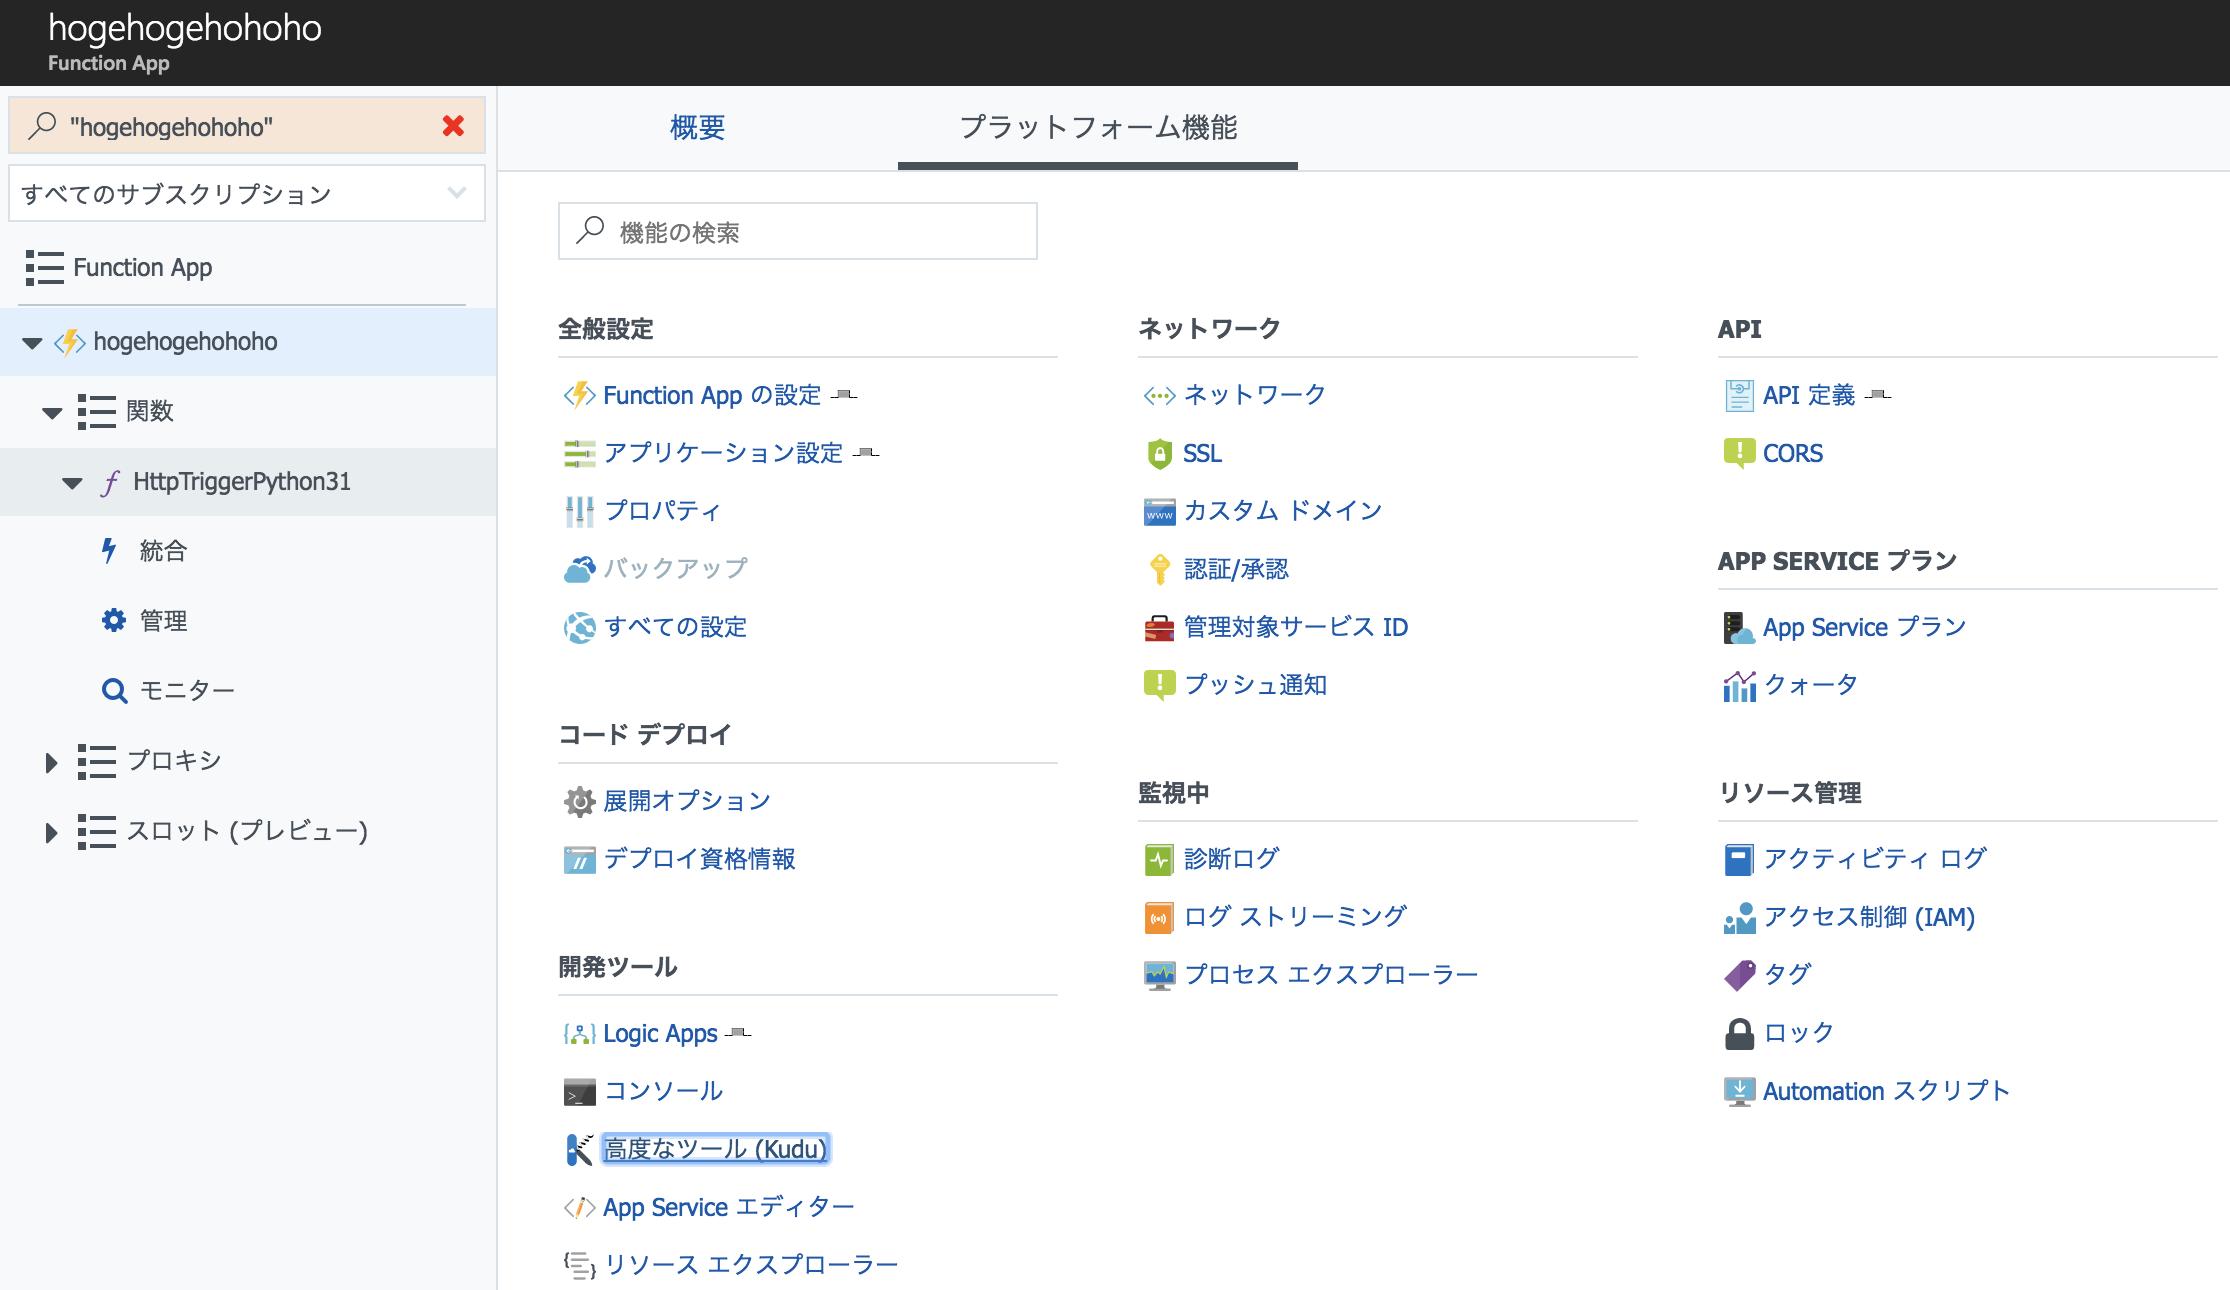 スクリーンショット 2018-01-31 0.07.10.png